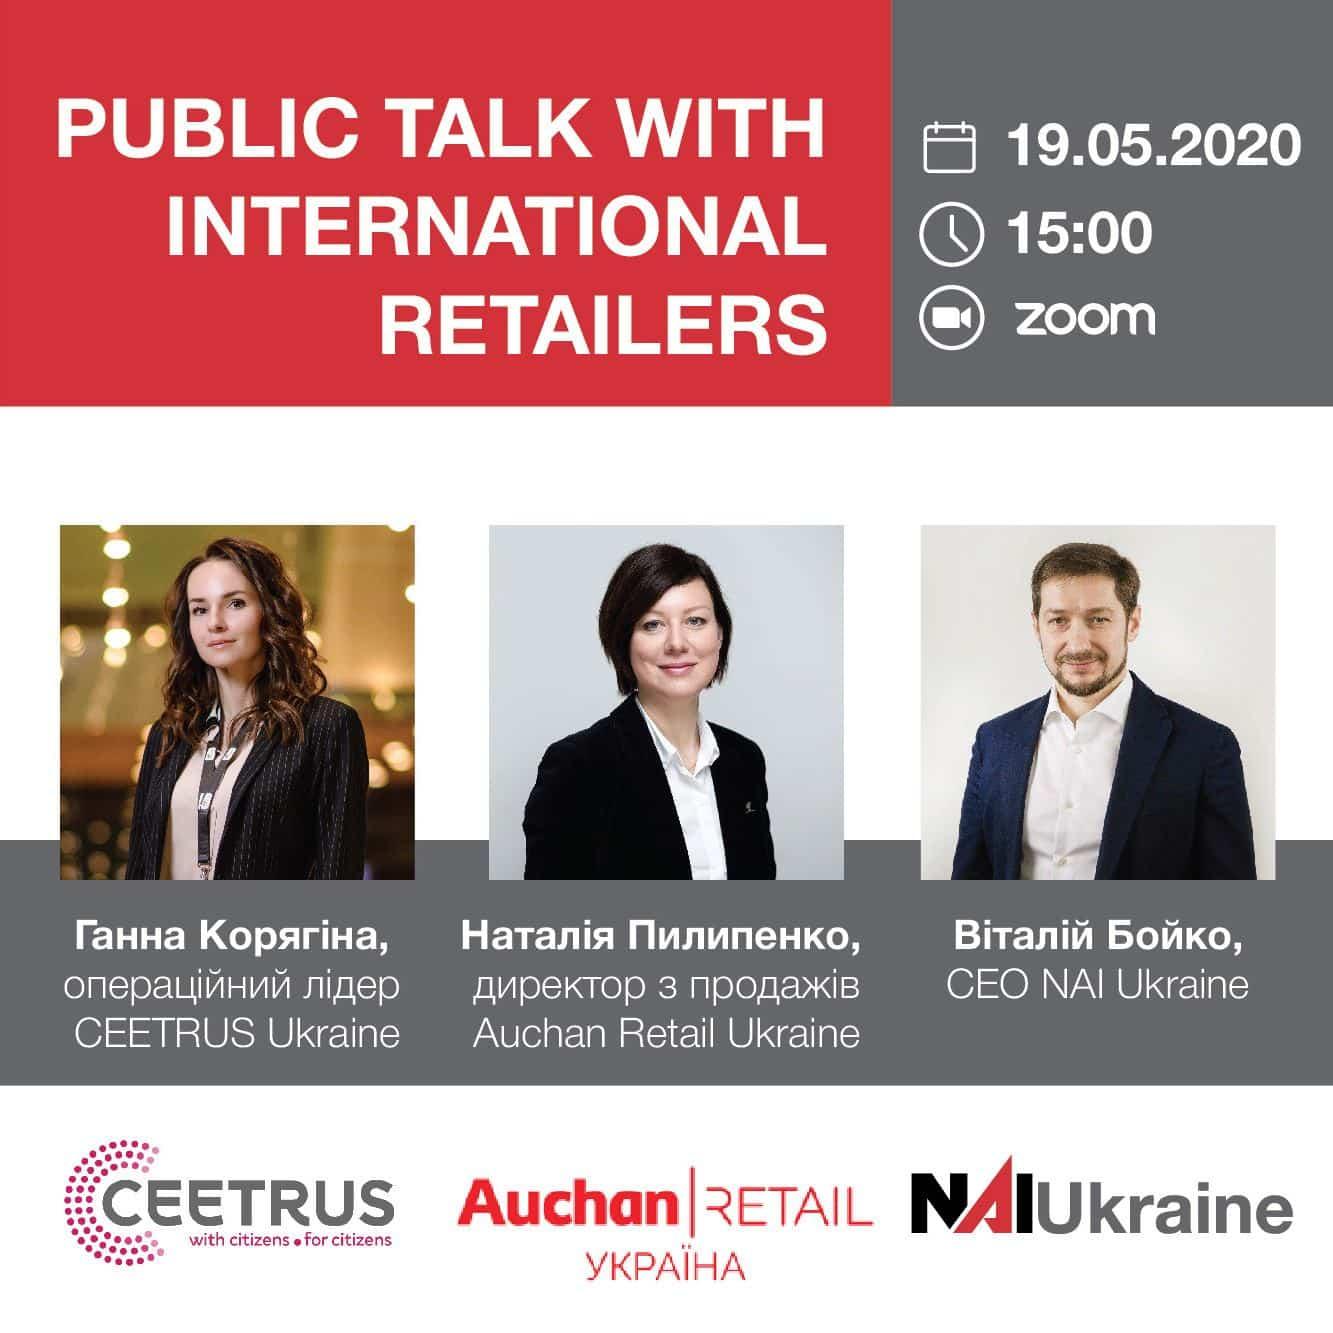 Рublic talk с Наталией Пилипенко, директором по продажам Ашан Ритейл Украина